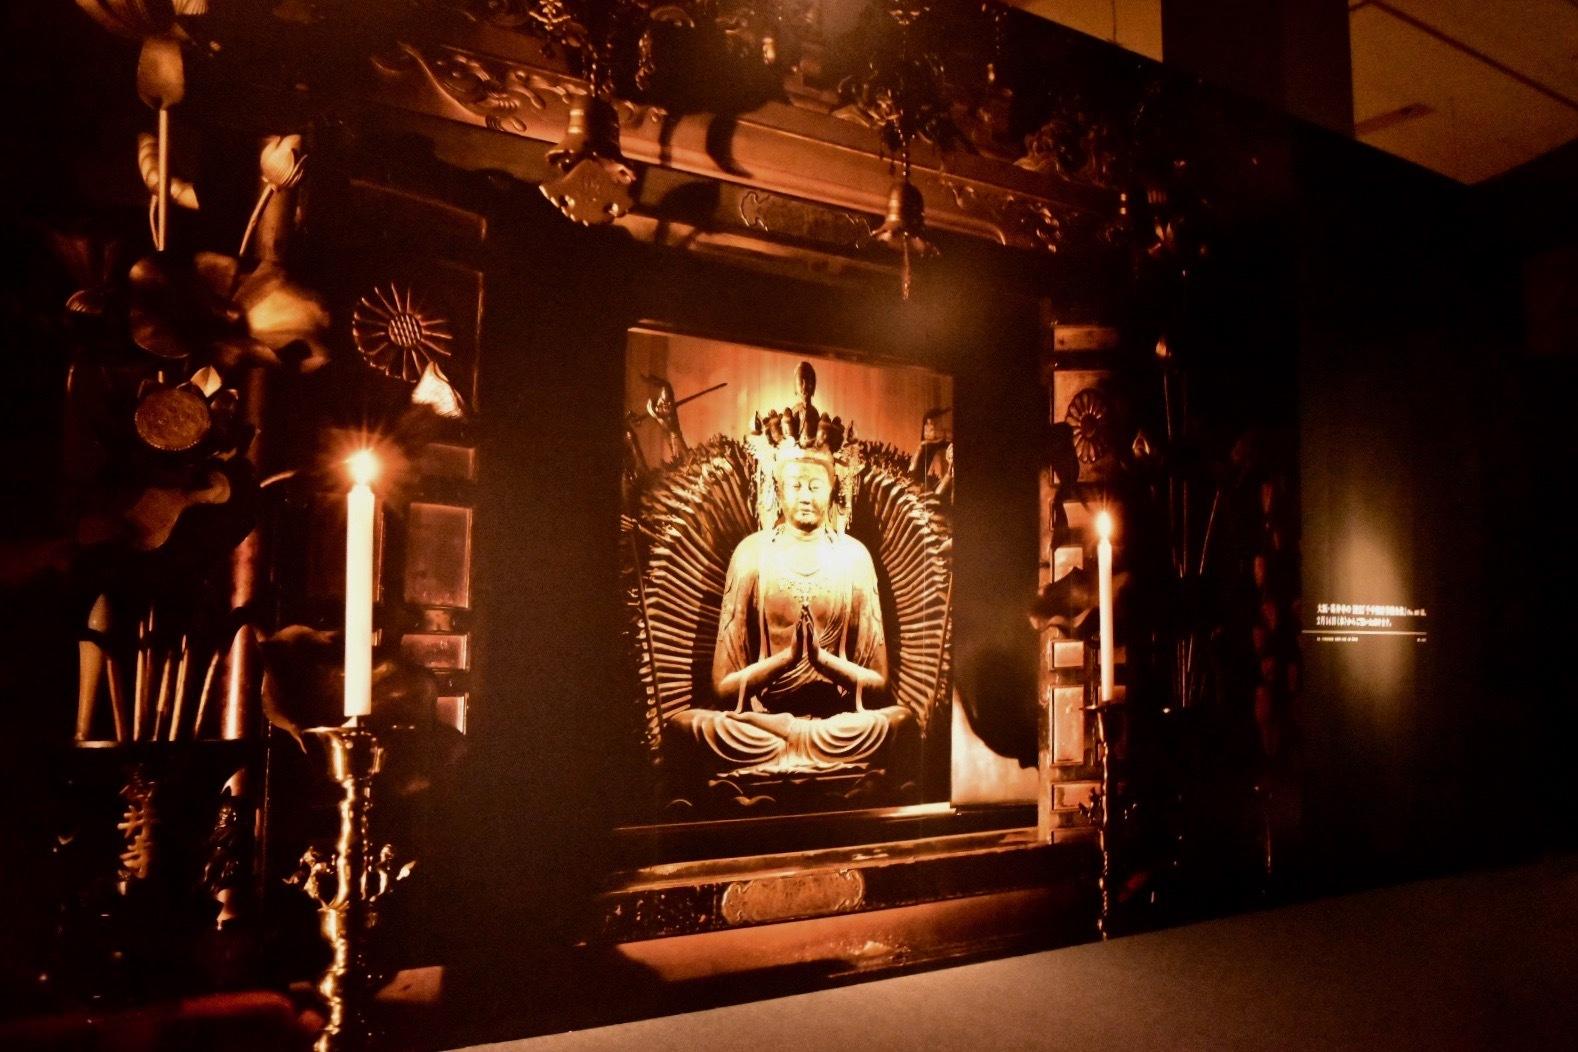 国宝 千手観音菩薩坐像 奈良時代 大阪・葛井寺(後期展示)